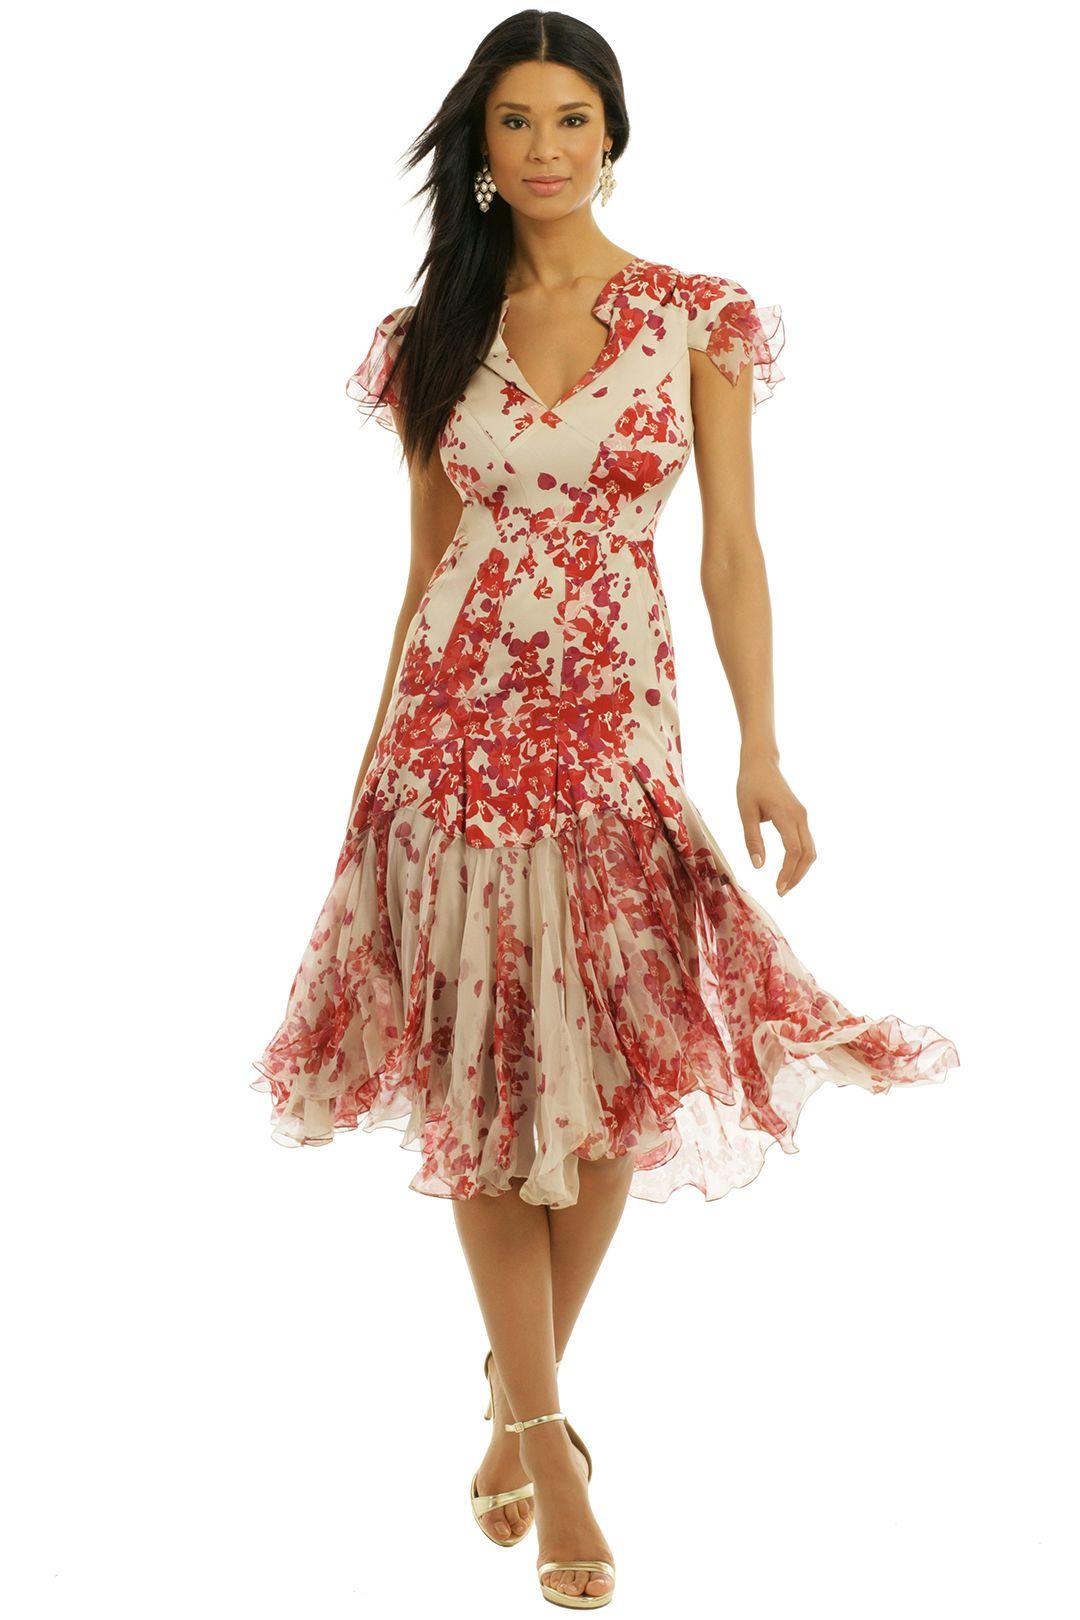 Zac Zac Posen Hibiscus Print Silk Dress Rental 248 Beach